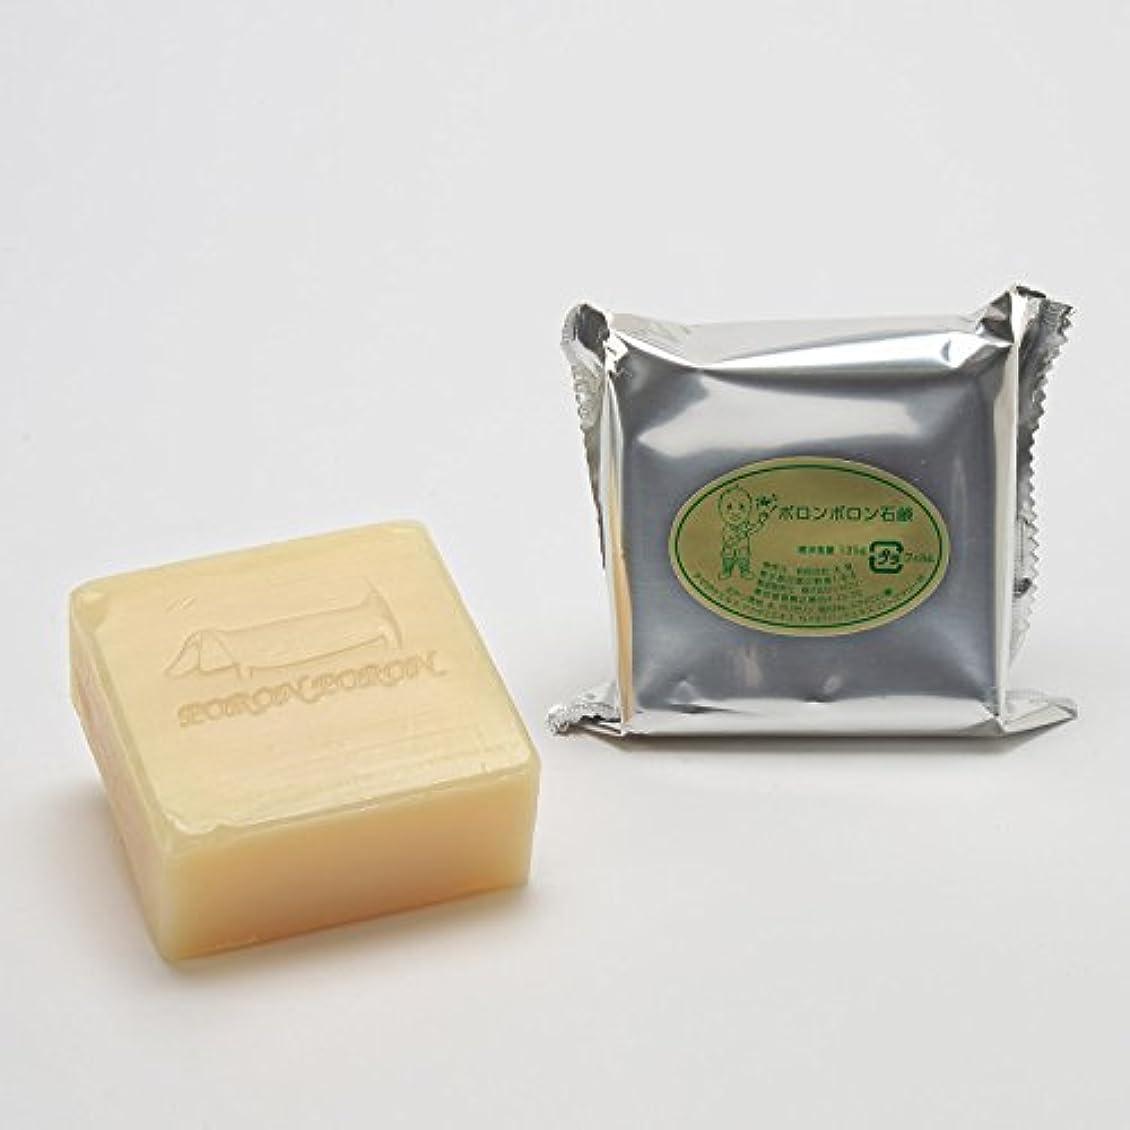 ラフ睡眠毒性苛性ポロンポロン石鹸